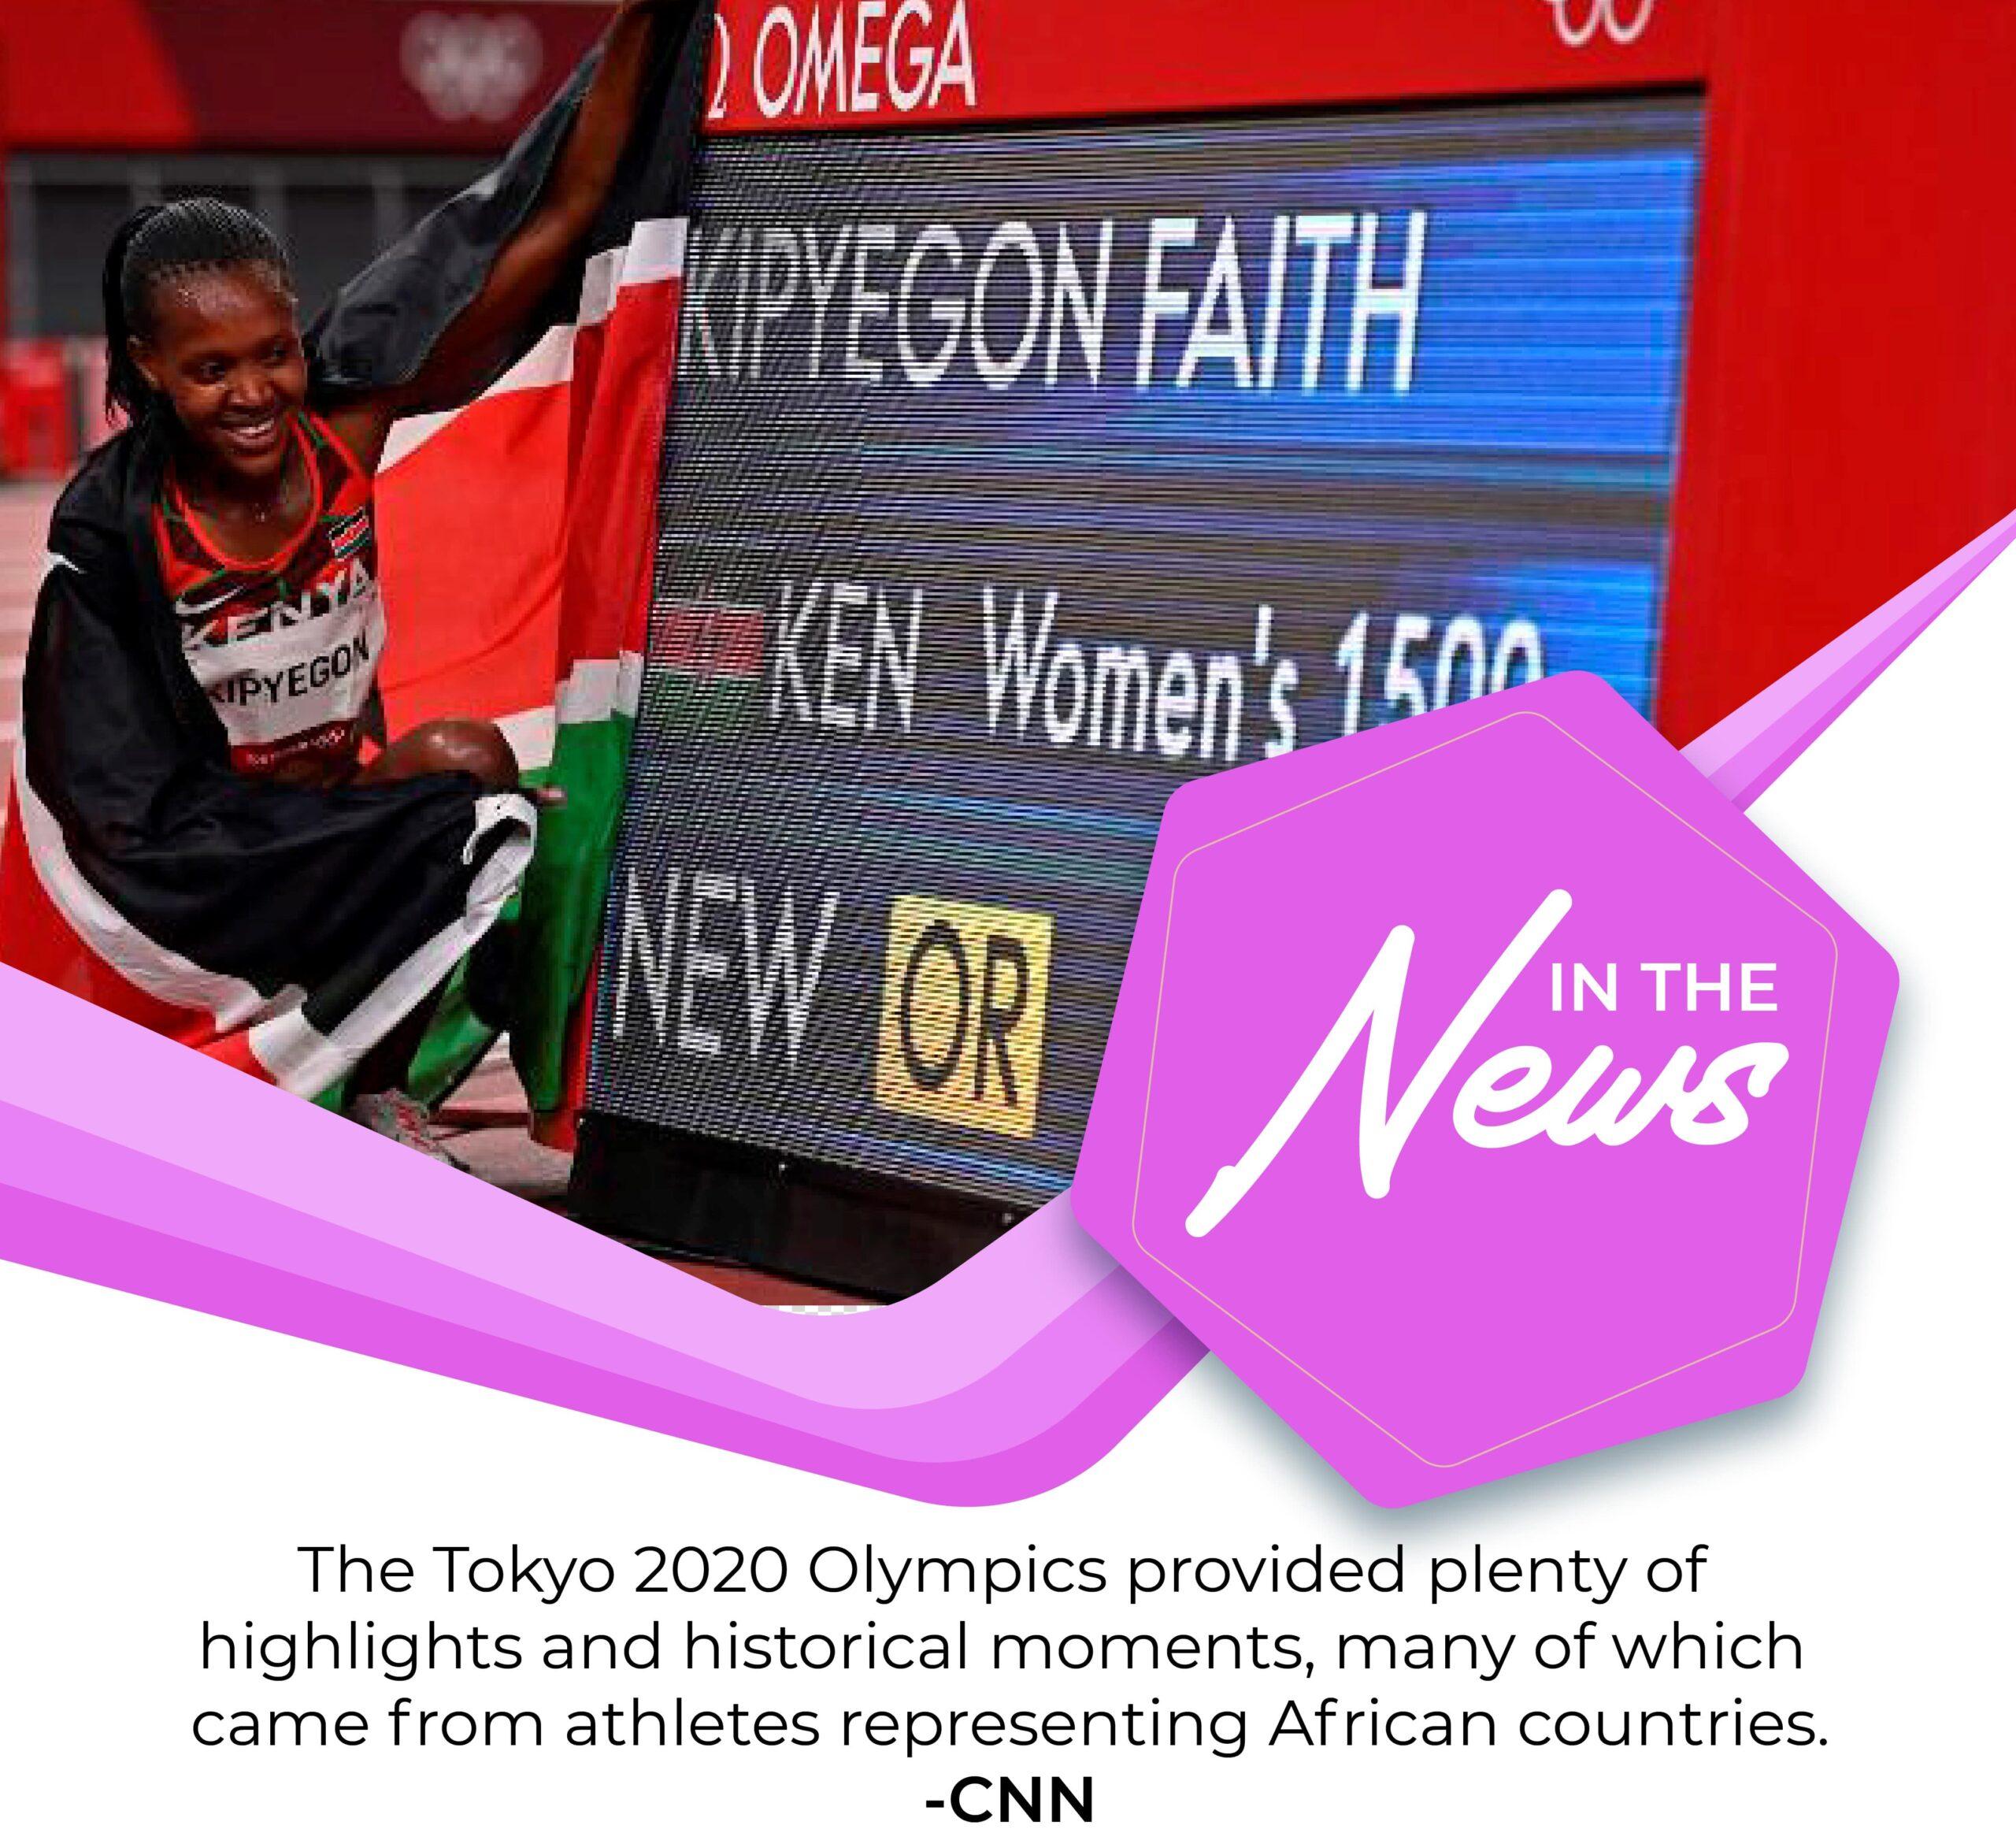 African athletes made history at Tokyo 2020